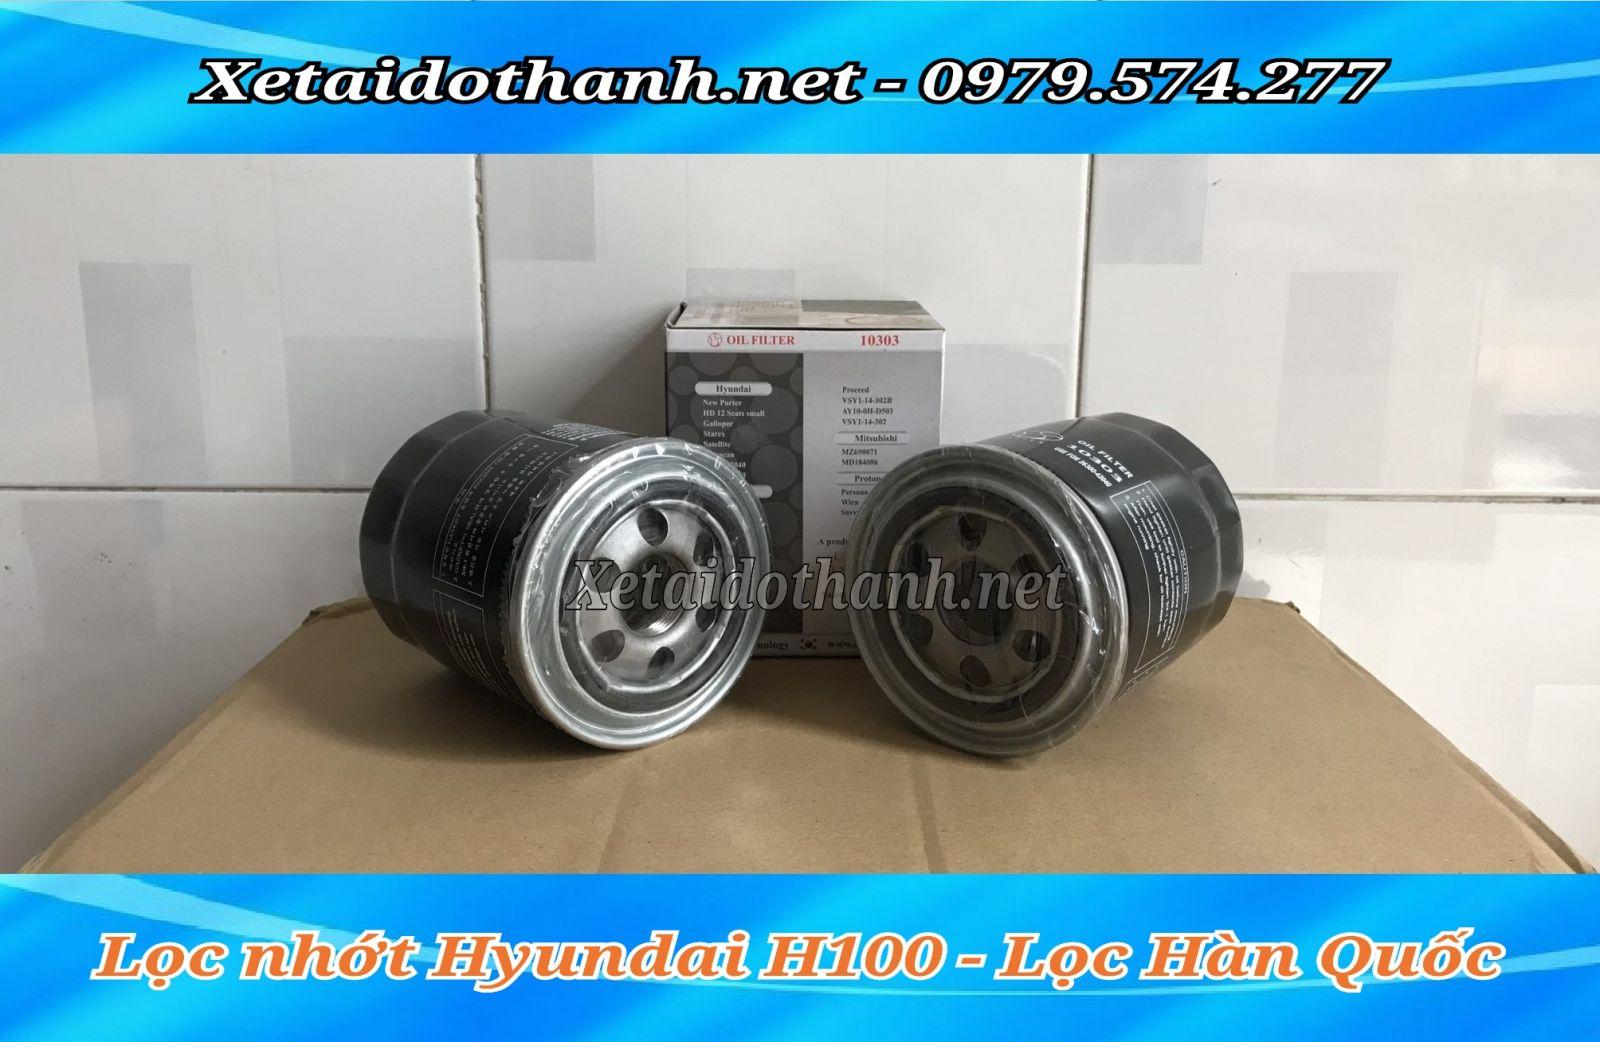 Lọc nhớt Hyundai H100 chính hãng